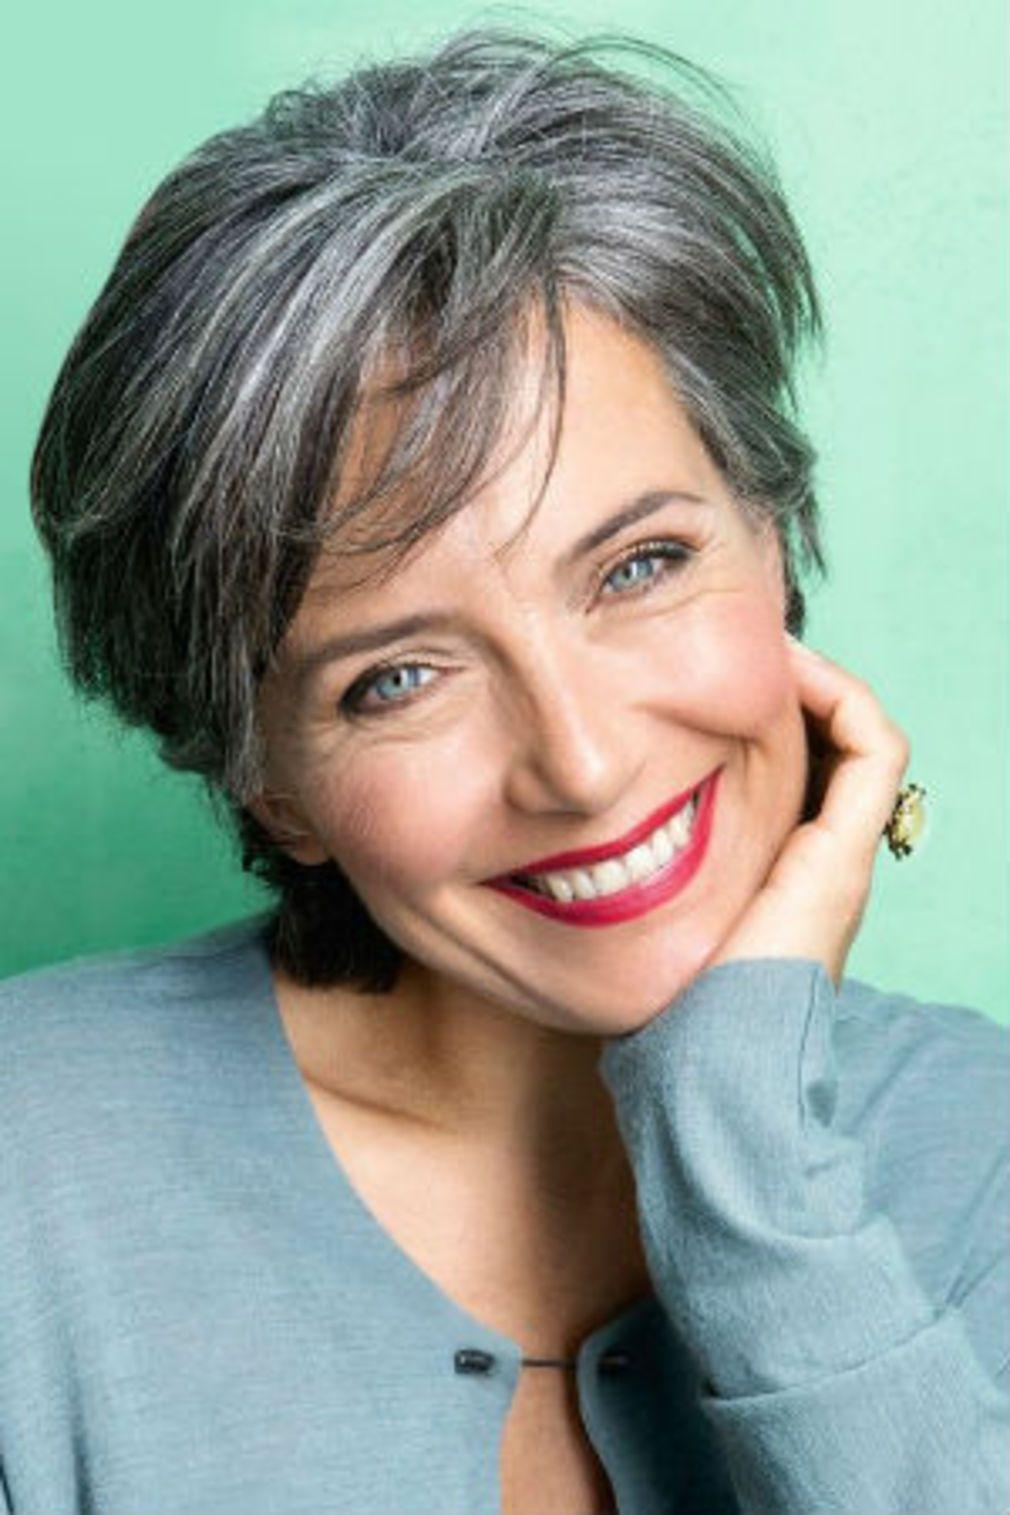 Liste : Les +20 belles photos de coiffure femme cheveux gris 2020 - LiloBijoux - Bijoux Fantasie ...